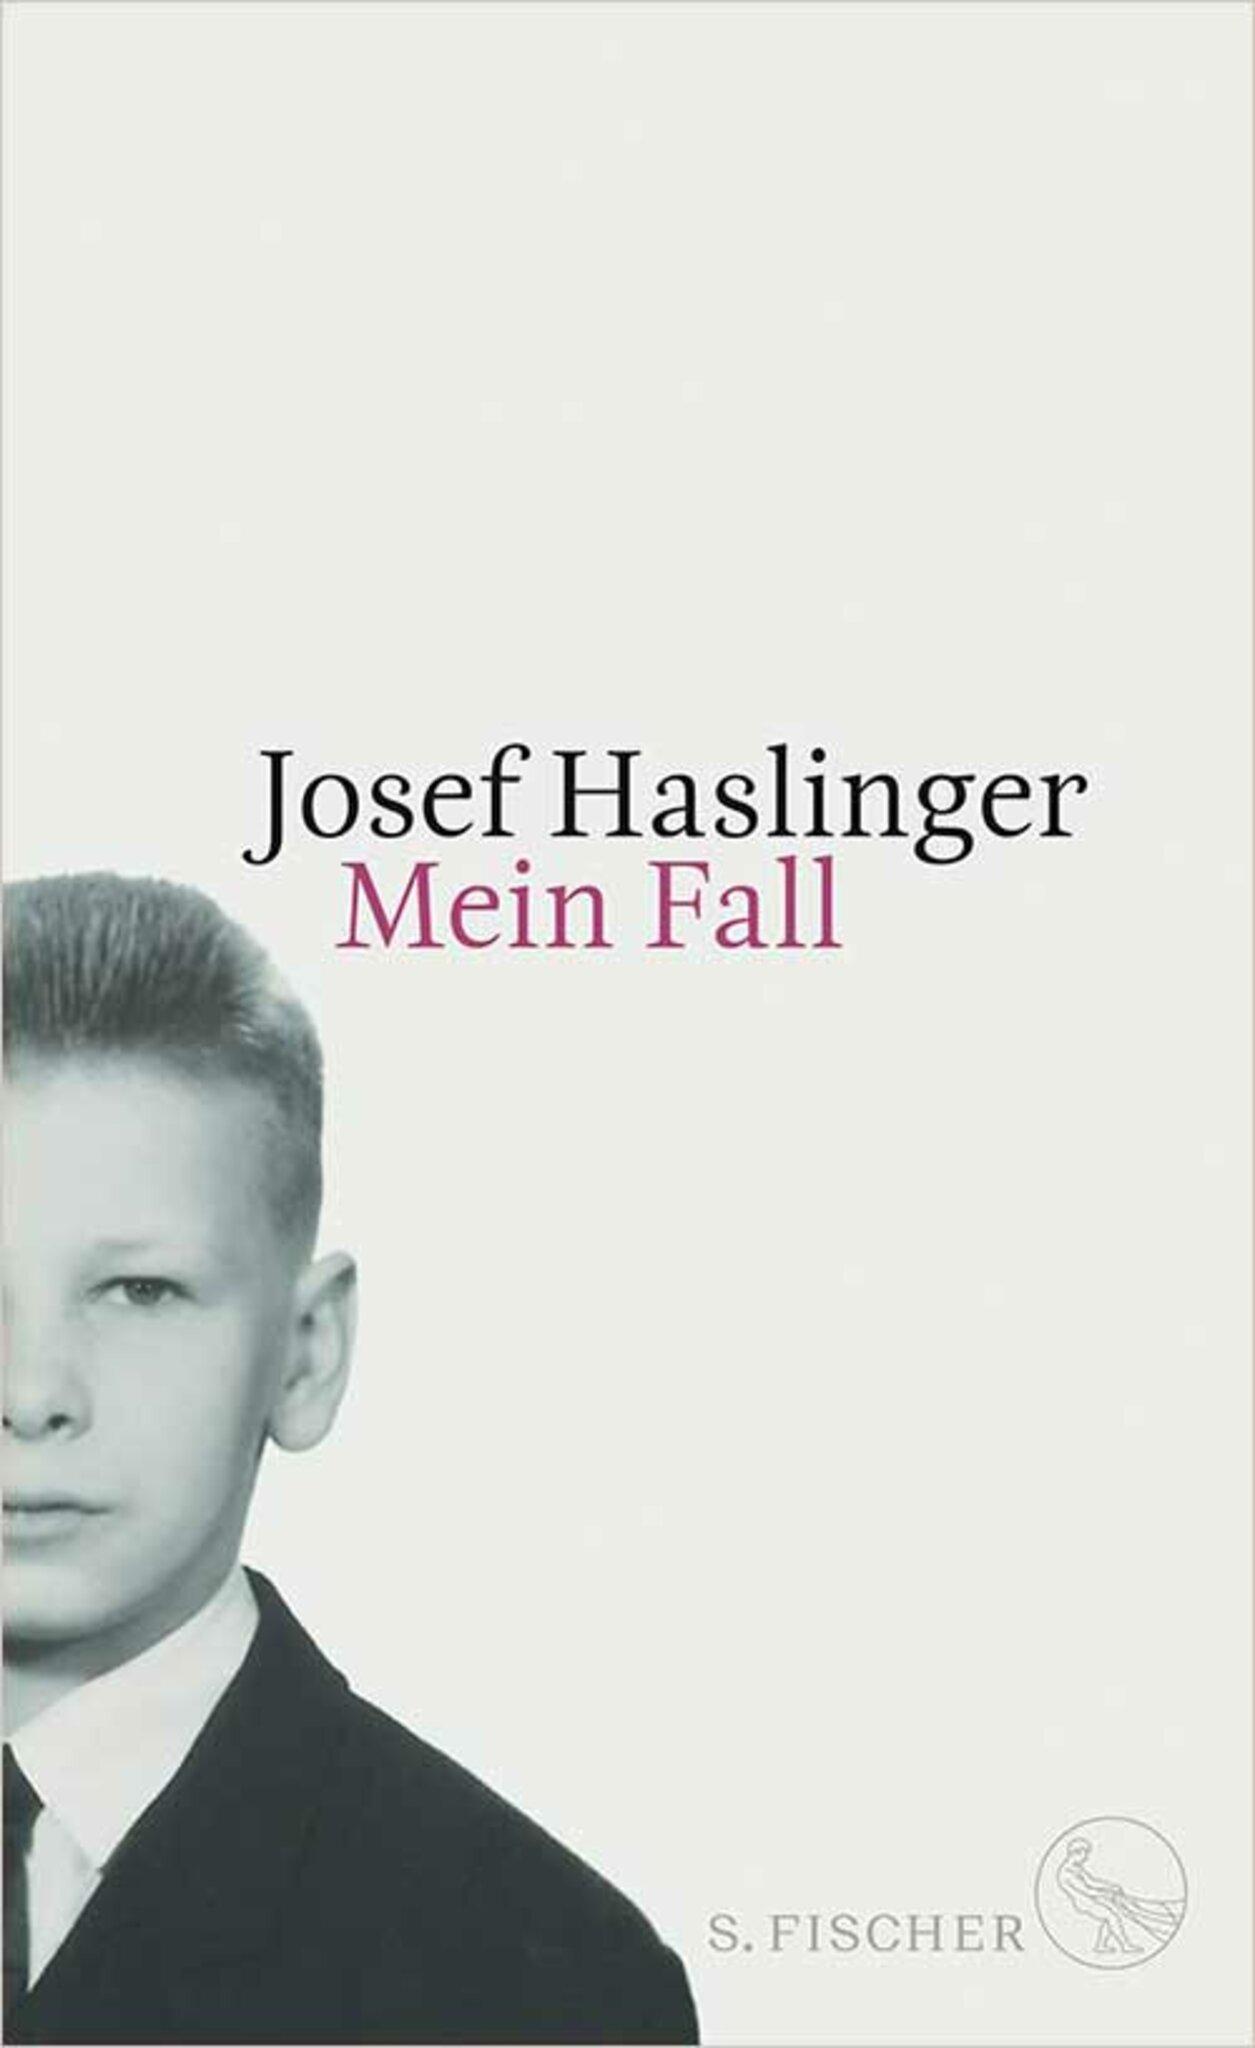 SJosef Haslinger, Mein  Fall